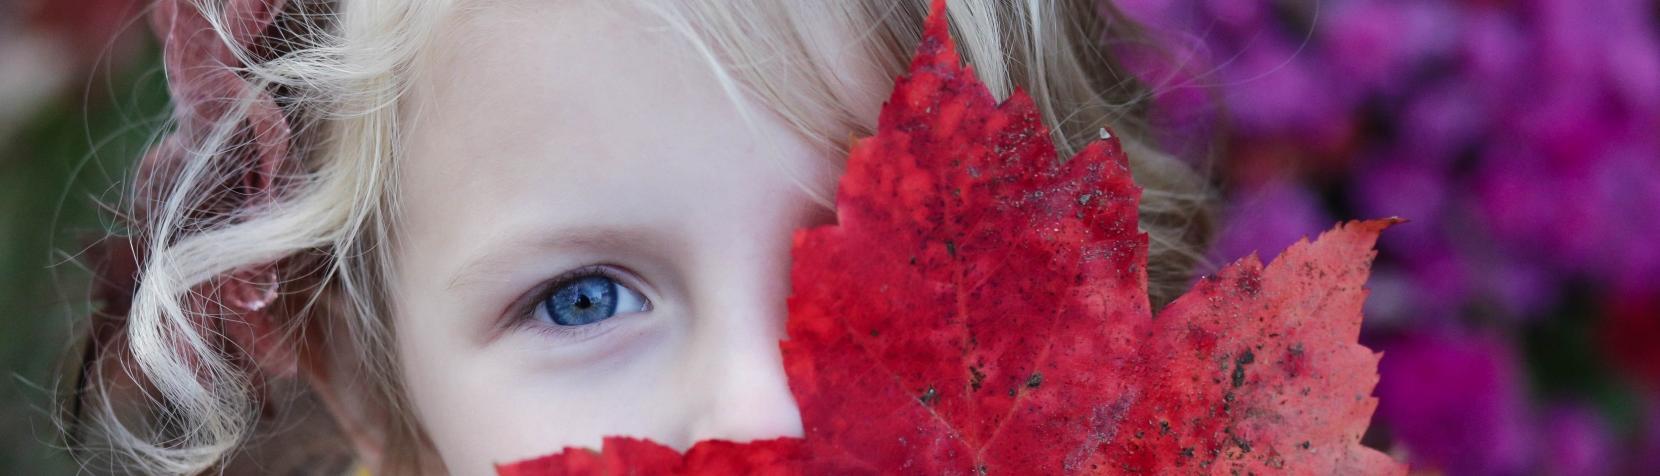 Pige med blad